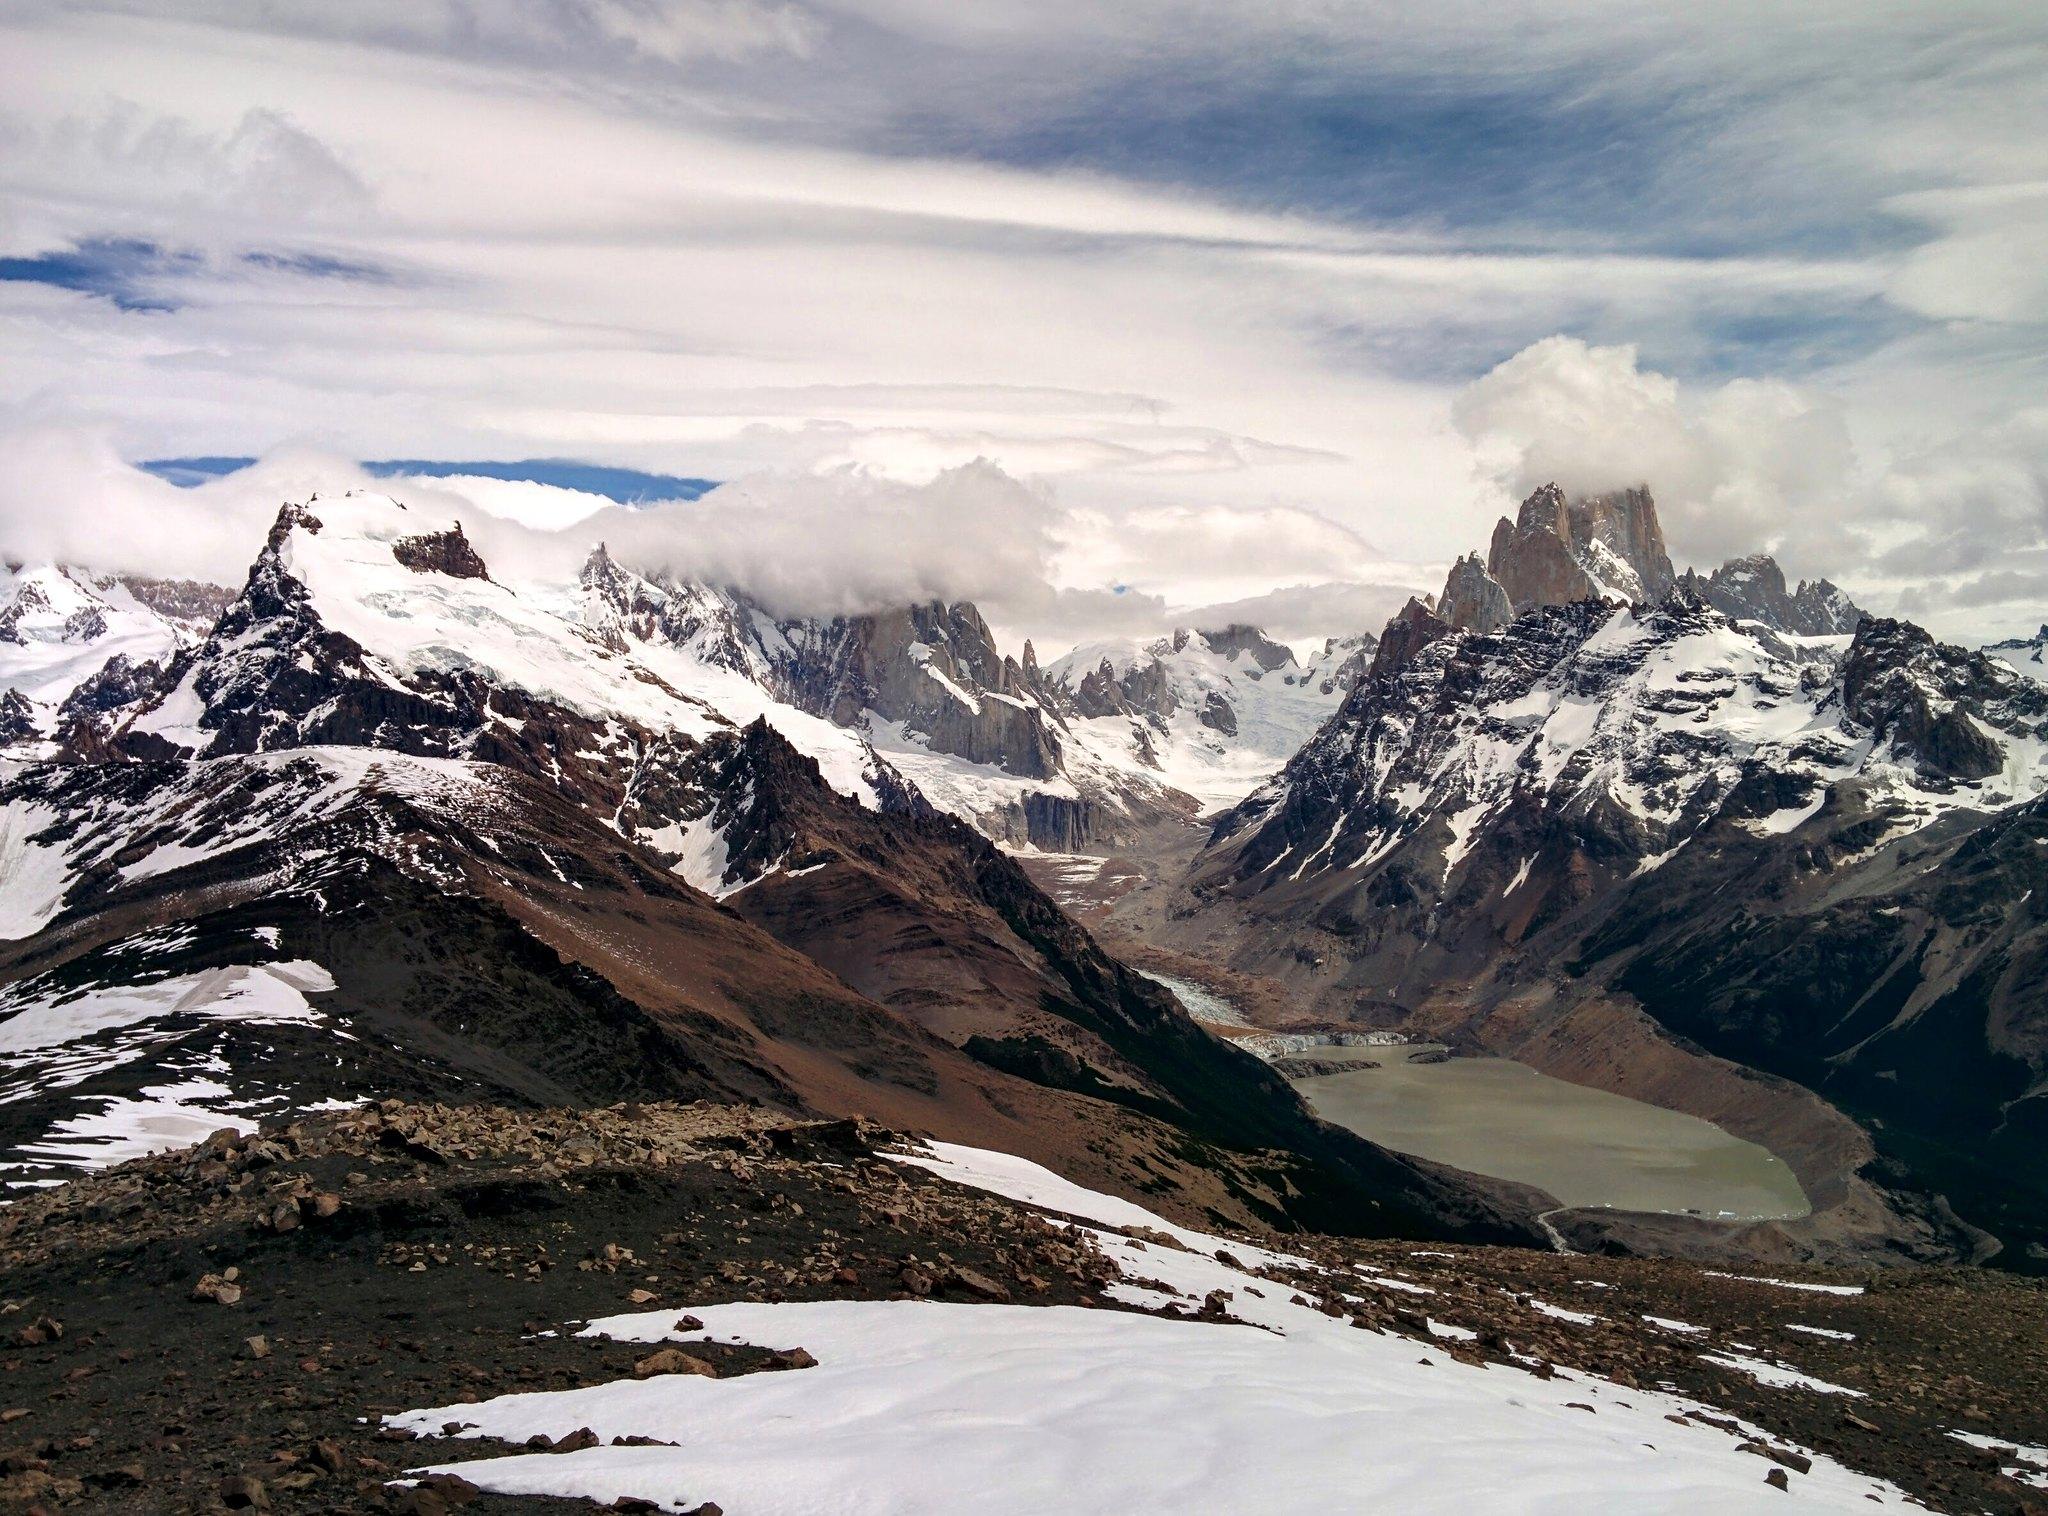 The Fitz Roy Range from Loma del Pliegue Tumbado